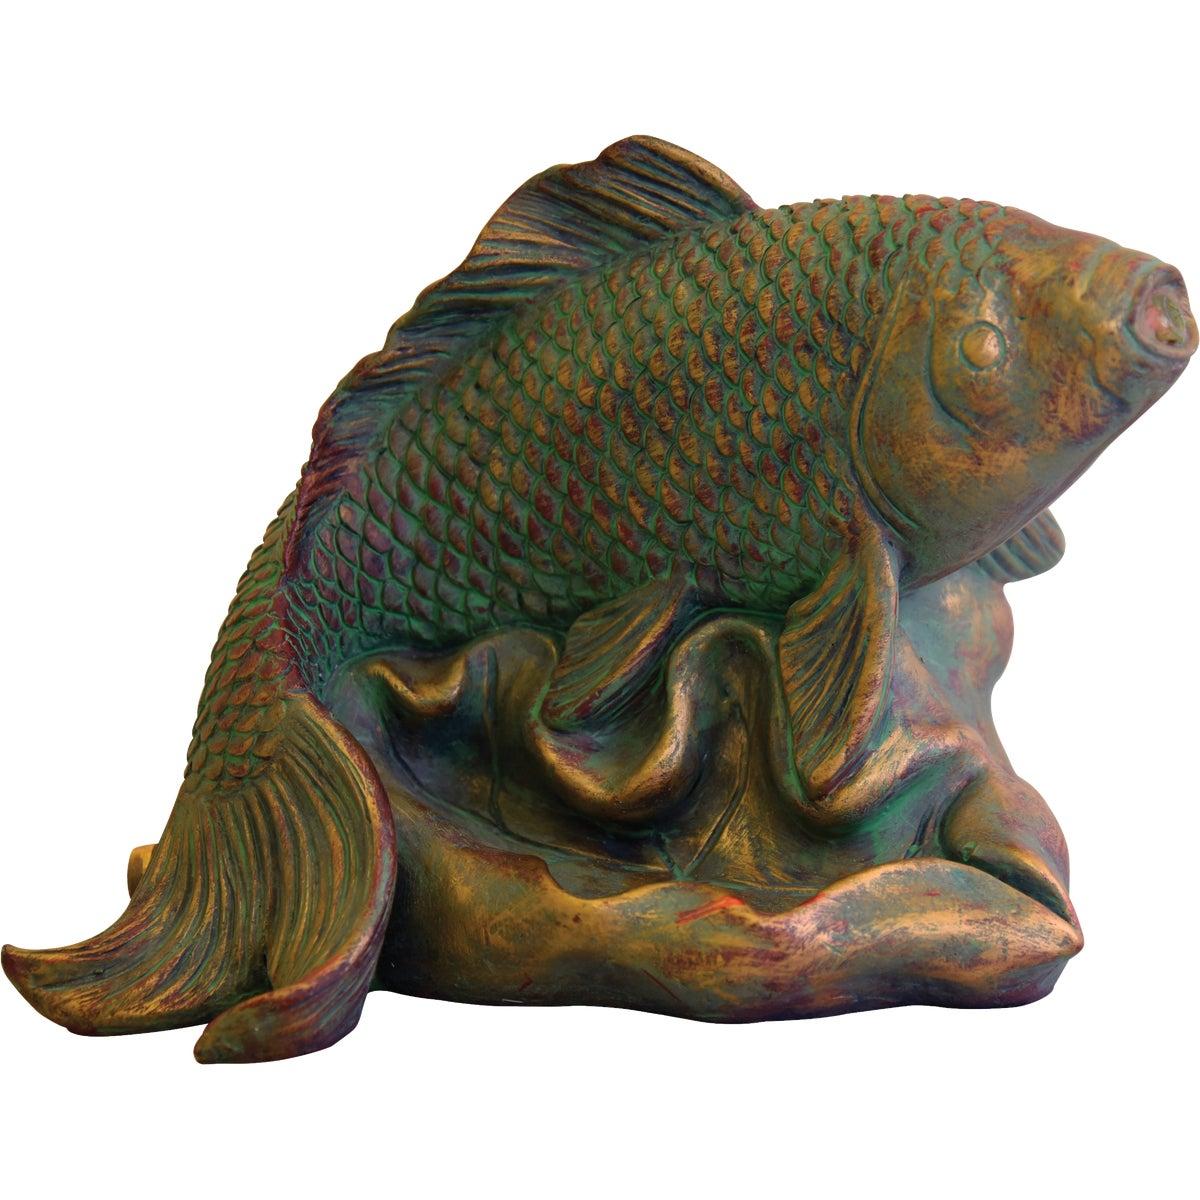 RESIN FISH SPITTER